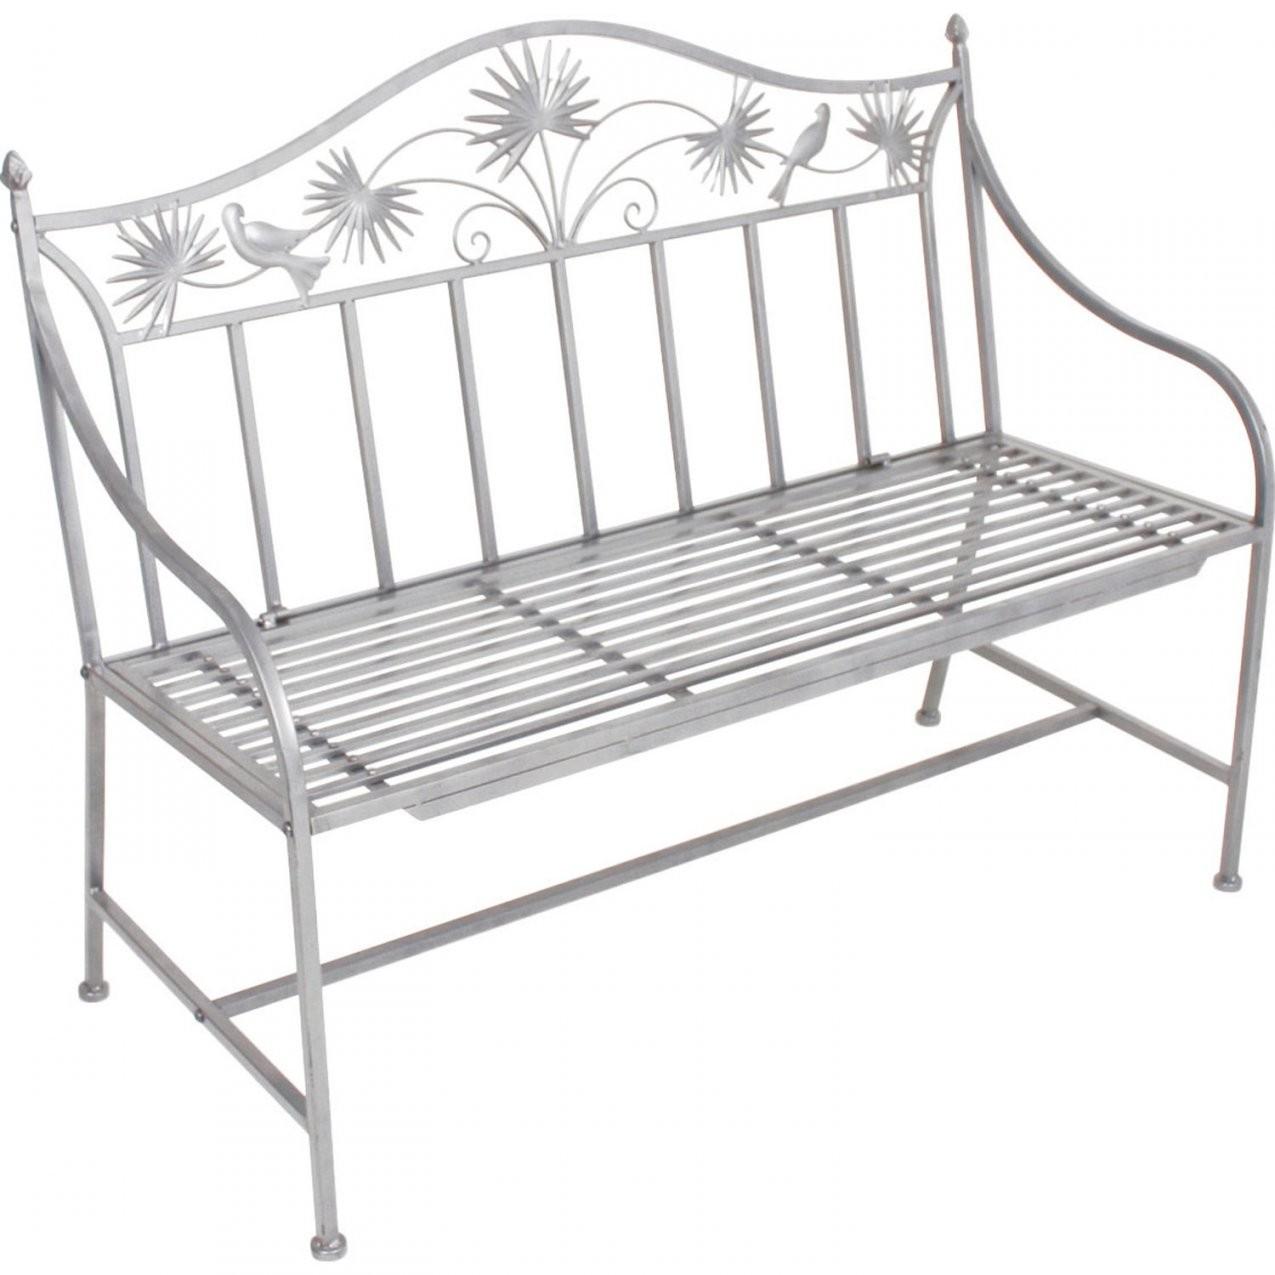 Gartenbänke Online Kaufen Bei Obi von Sitzbank Garten Metall Bild